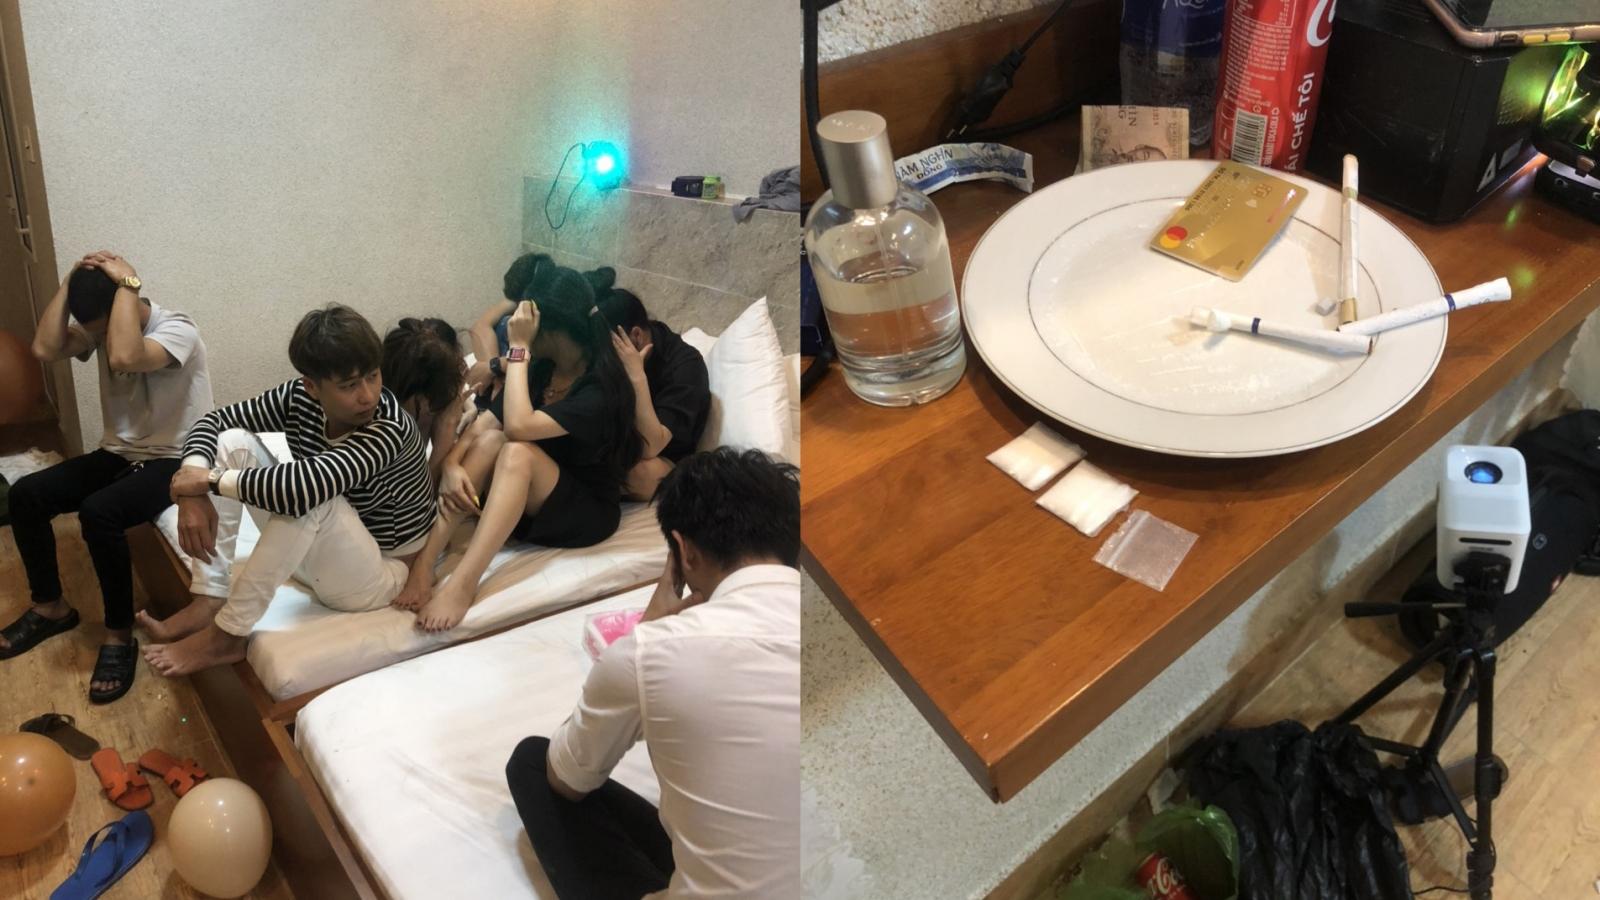 """13 nam nữ tụ tập trong khách sạn để """"mở tiệc ma túy"""""""